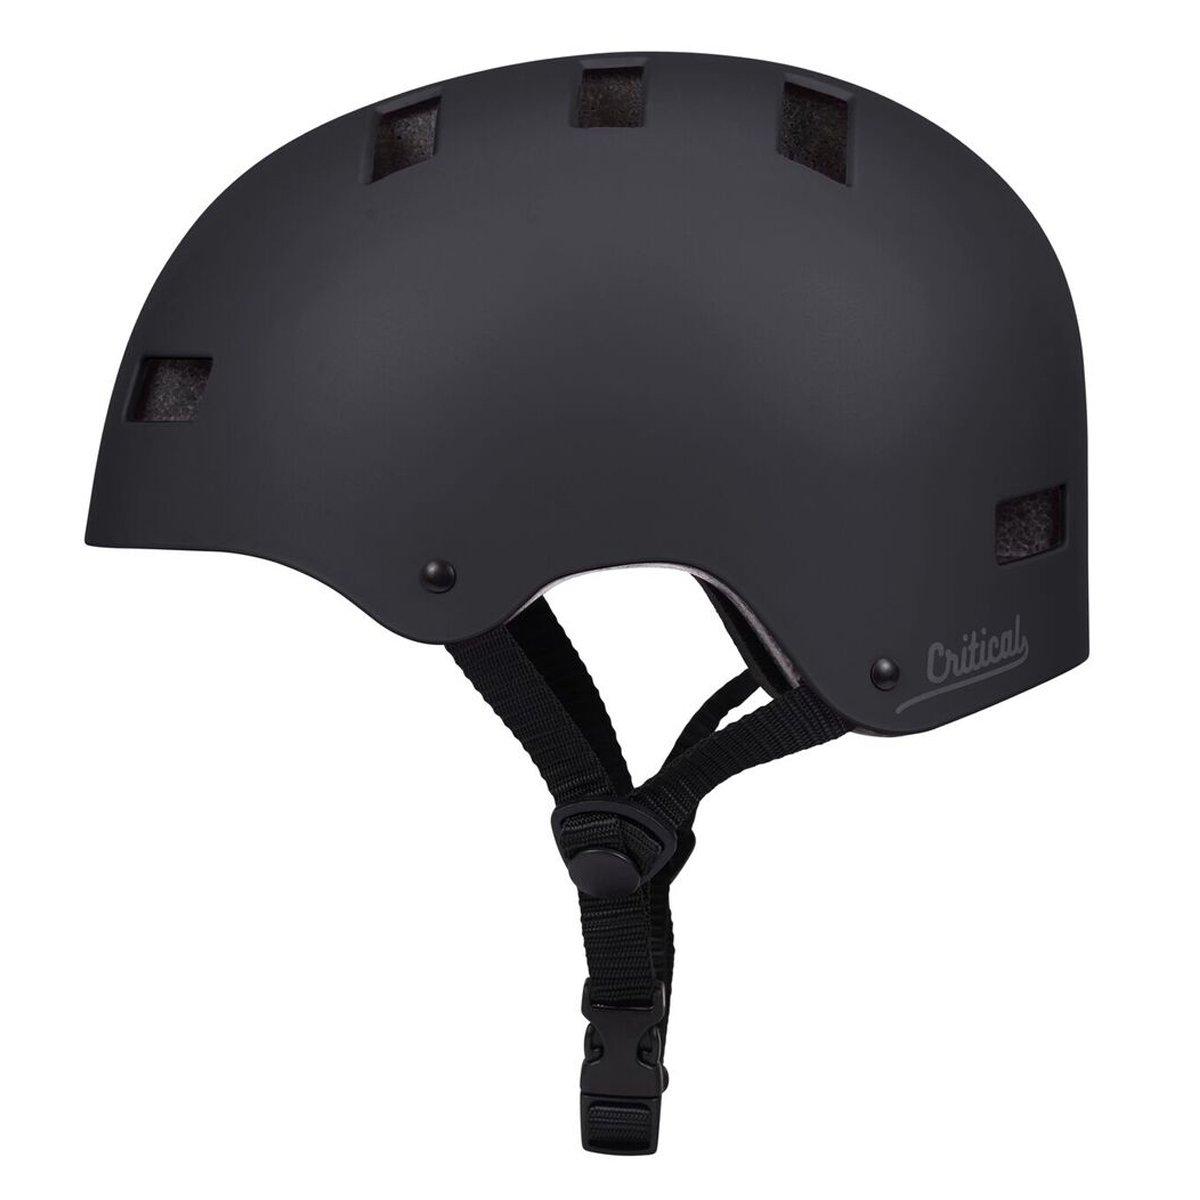 Critical Cycles 2445 Klassischer CM1 Helm mit 8 Belüftungsöffnungen, Pendlerrad Skate mehrere Sportarten - Mattes Schwarz, S 51-55 cm